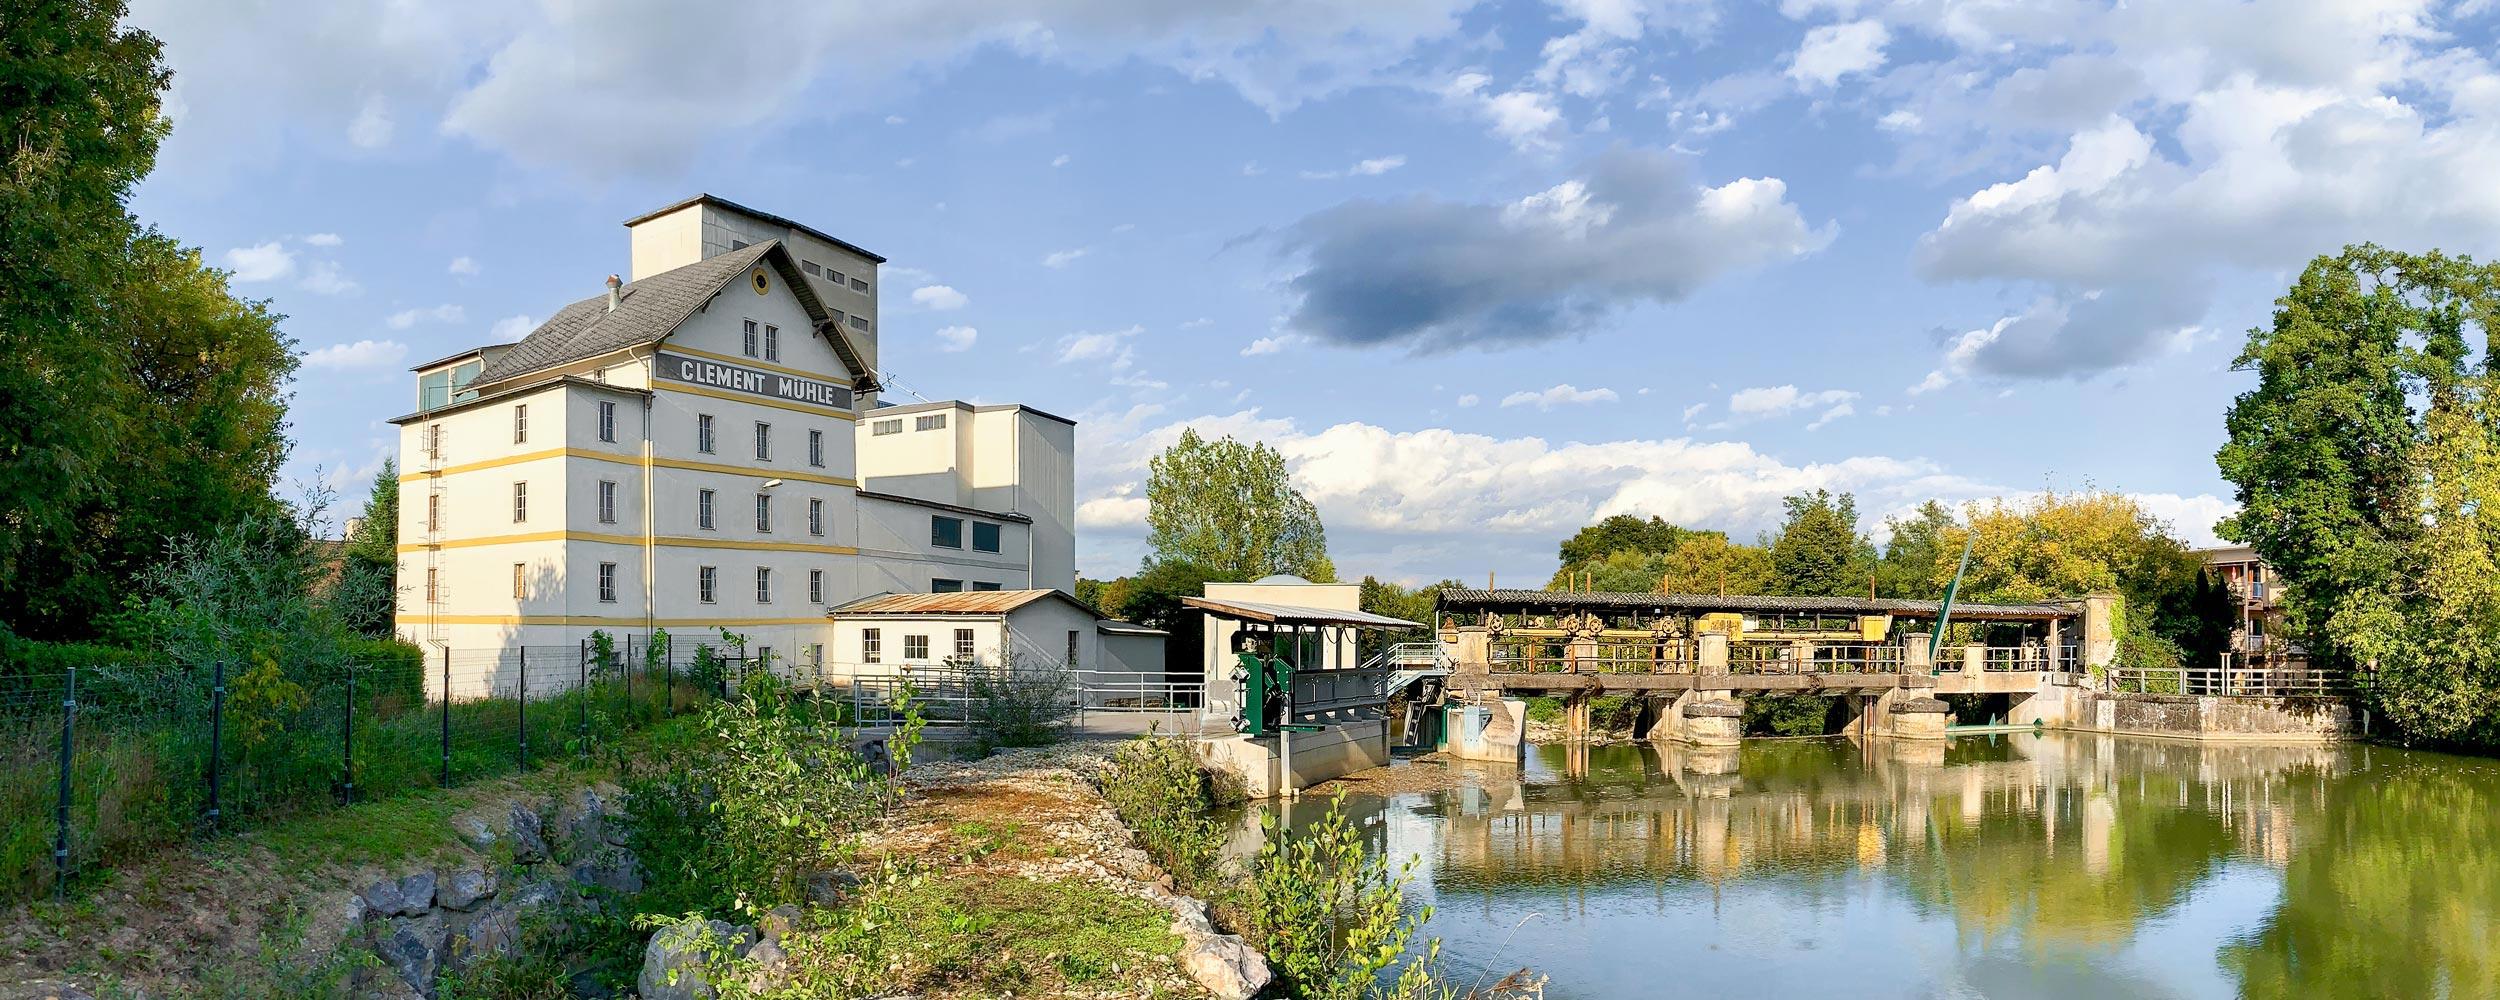 Clement Mühle Feldbach - Mischfutterwerk für verschiedene Tiere, Silogruppe, Trocknungsanlage für Getreide